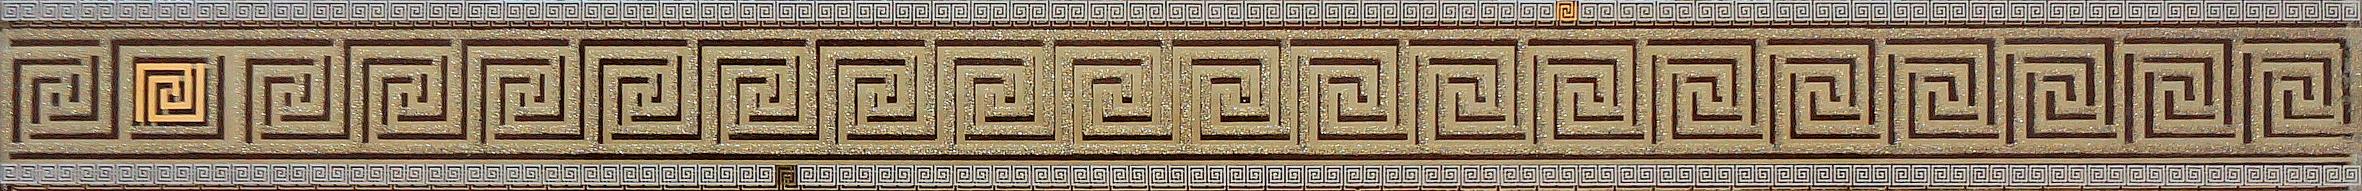 Пальмира Бордюр стеклянный бежевый 5х60 плитка бордюр стеклянный 600х20х8 мм эрантис золотой